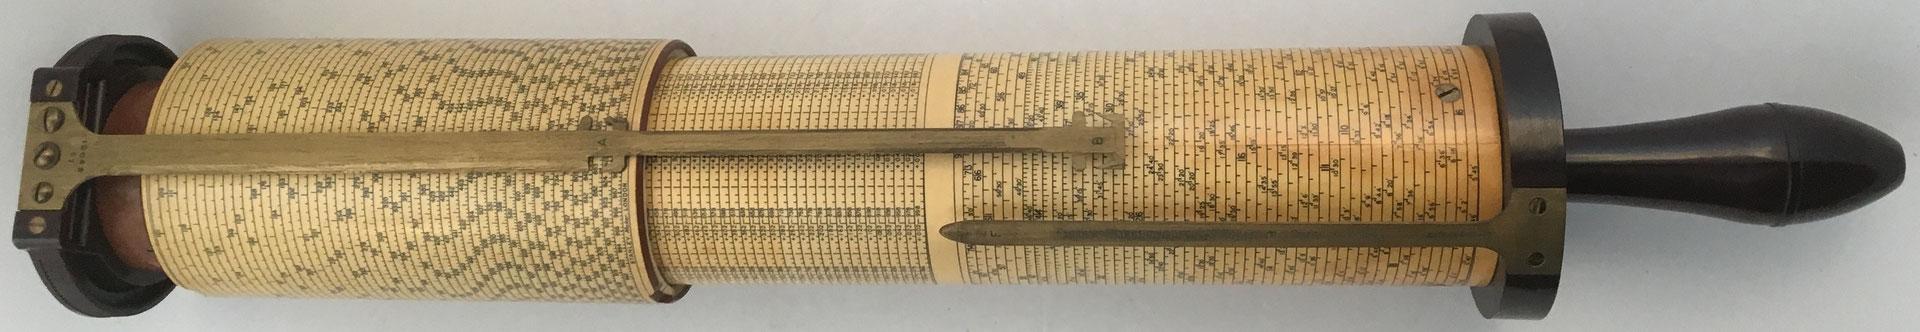 Regla cilíndrica FULLER tipo 2, fabricada por W. F. Stanley & Company, año 1957, s/n 12068, 9 cm diámetro